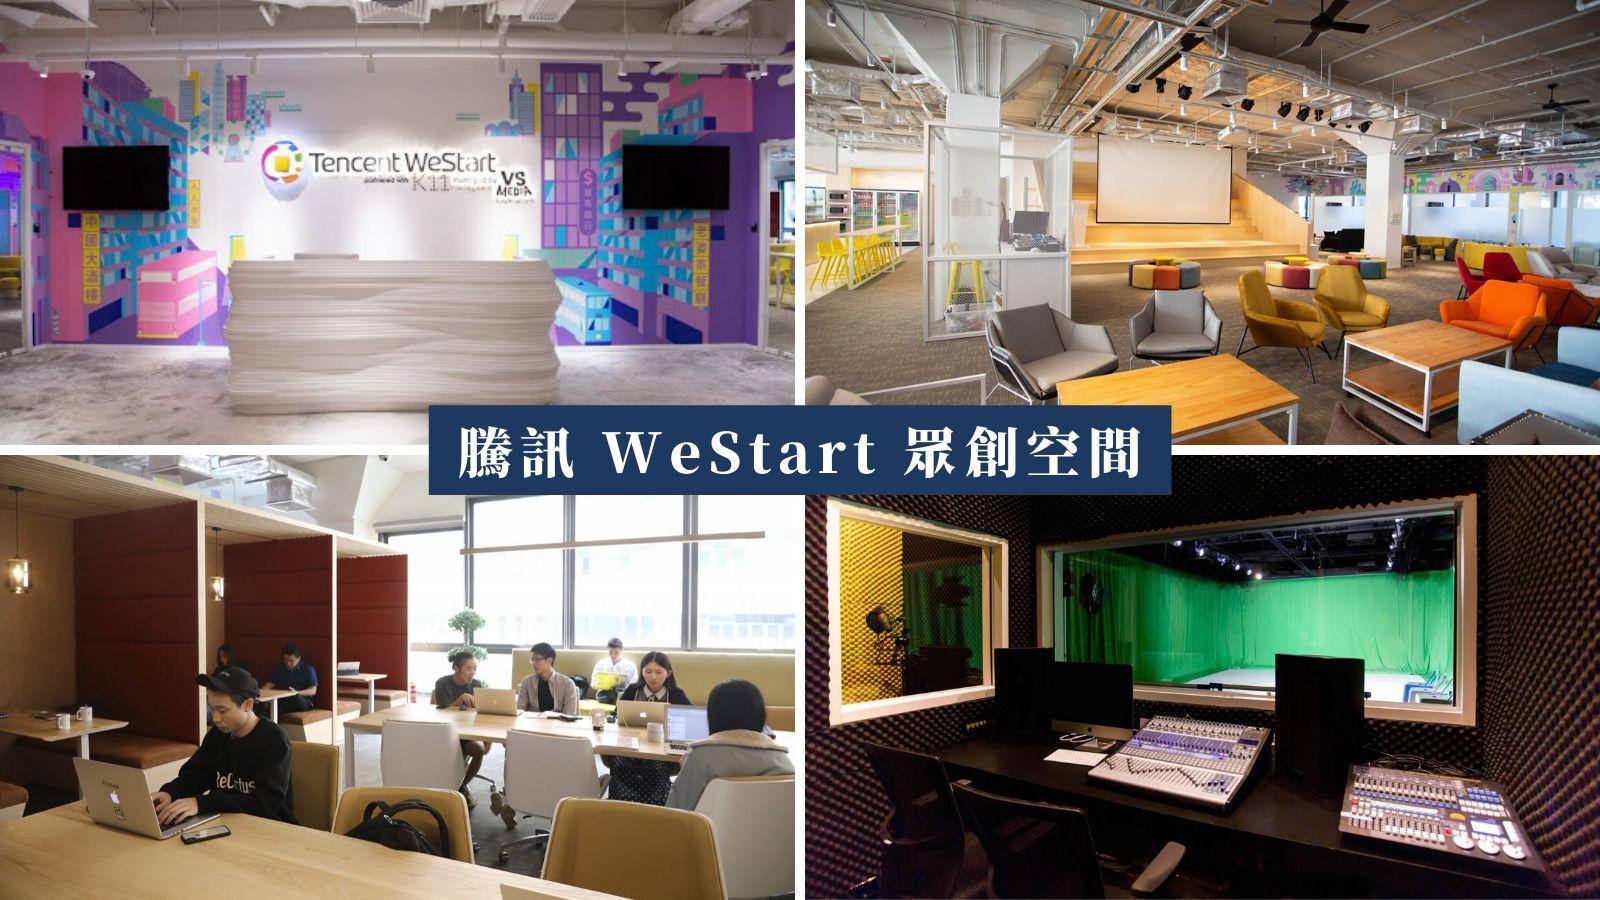 Tencent WeStart 騰訊眾創空間(香港)